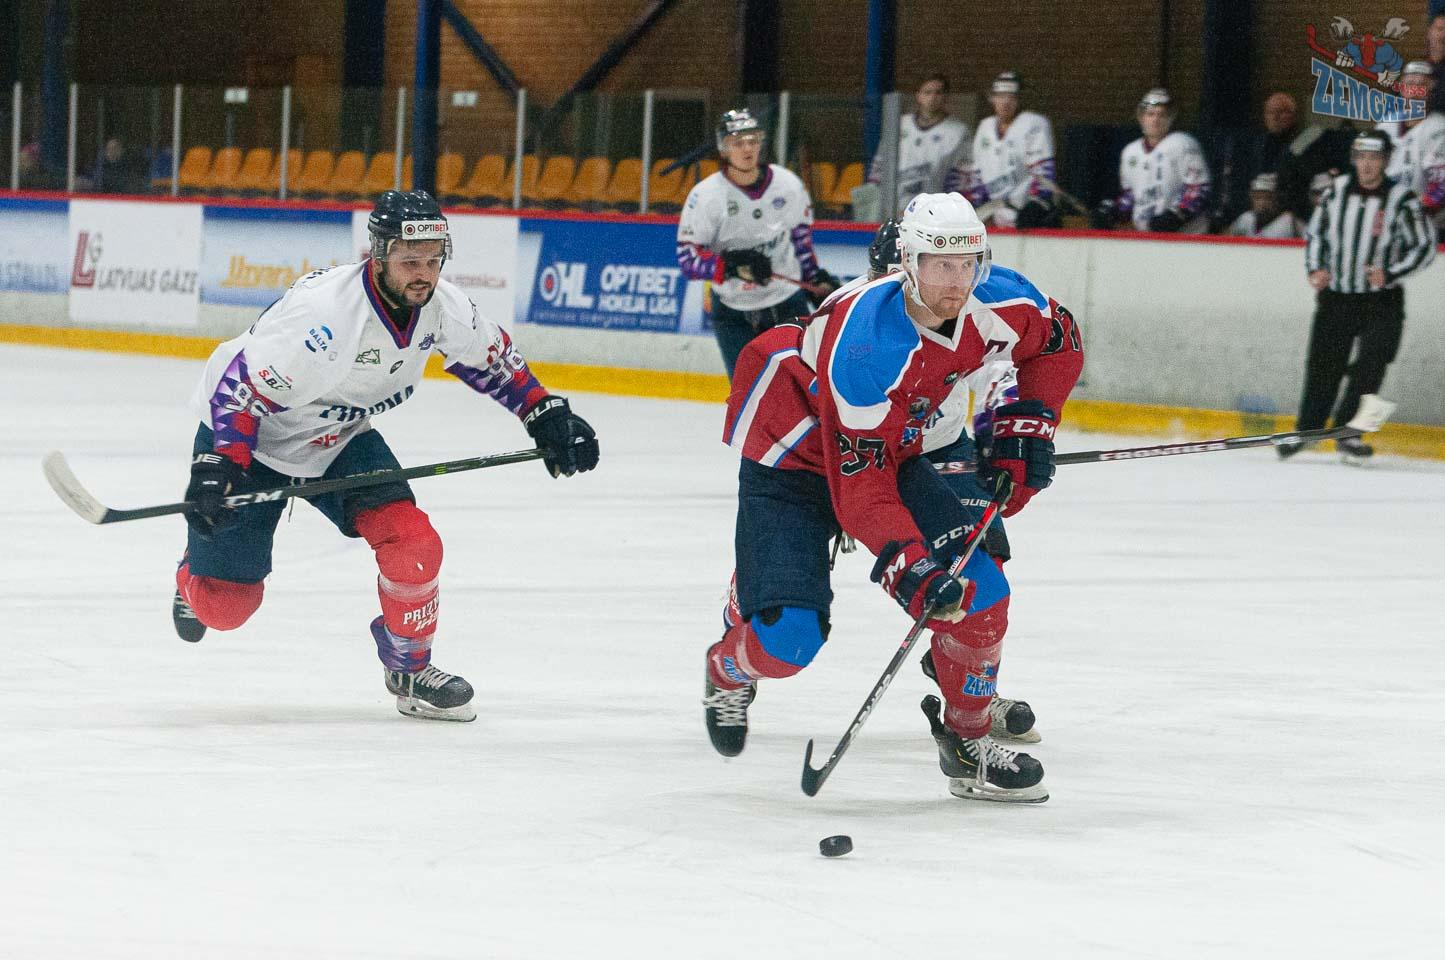 Aizsargi cenšas sadzīt hokejistu, kurš devies pretuzbrukumā